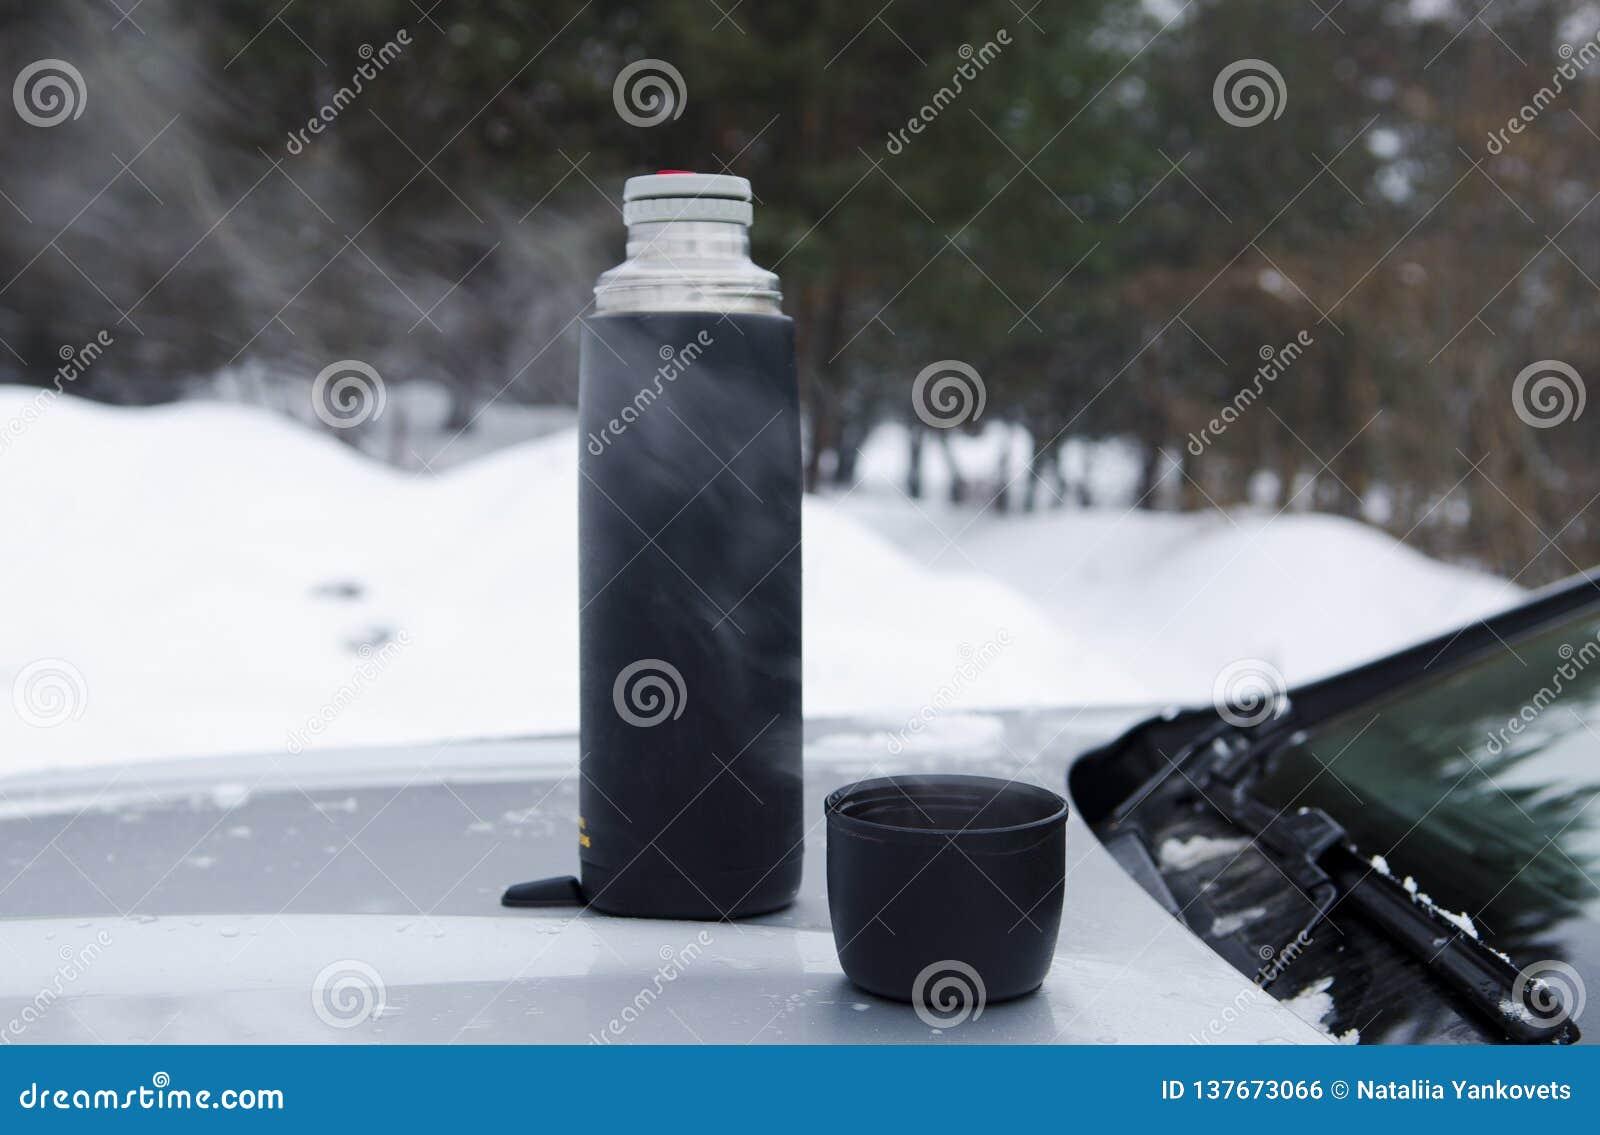 Τσάι χειμερινών πικ-νίκ στην κουκούλα της μηχανής ενάντια στο σκηνικό του δάσους